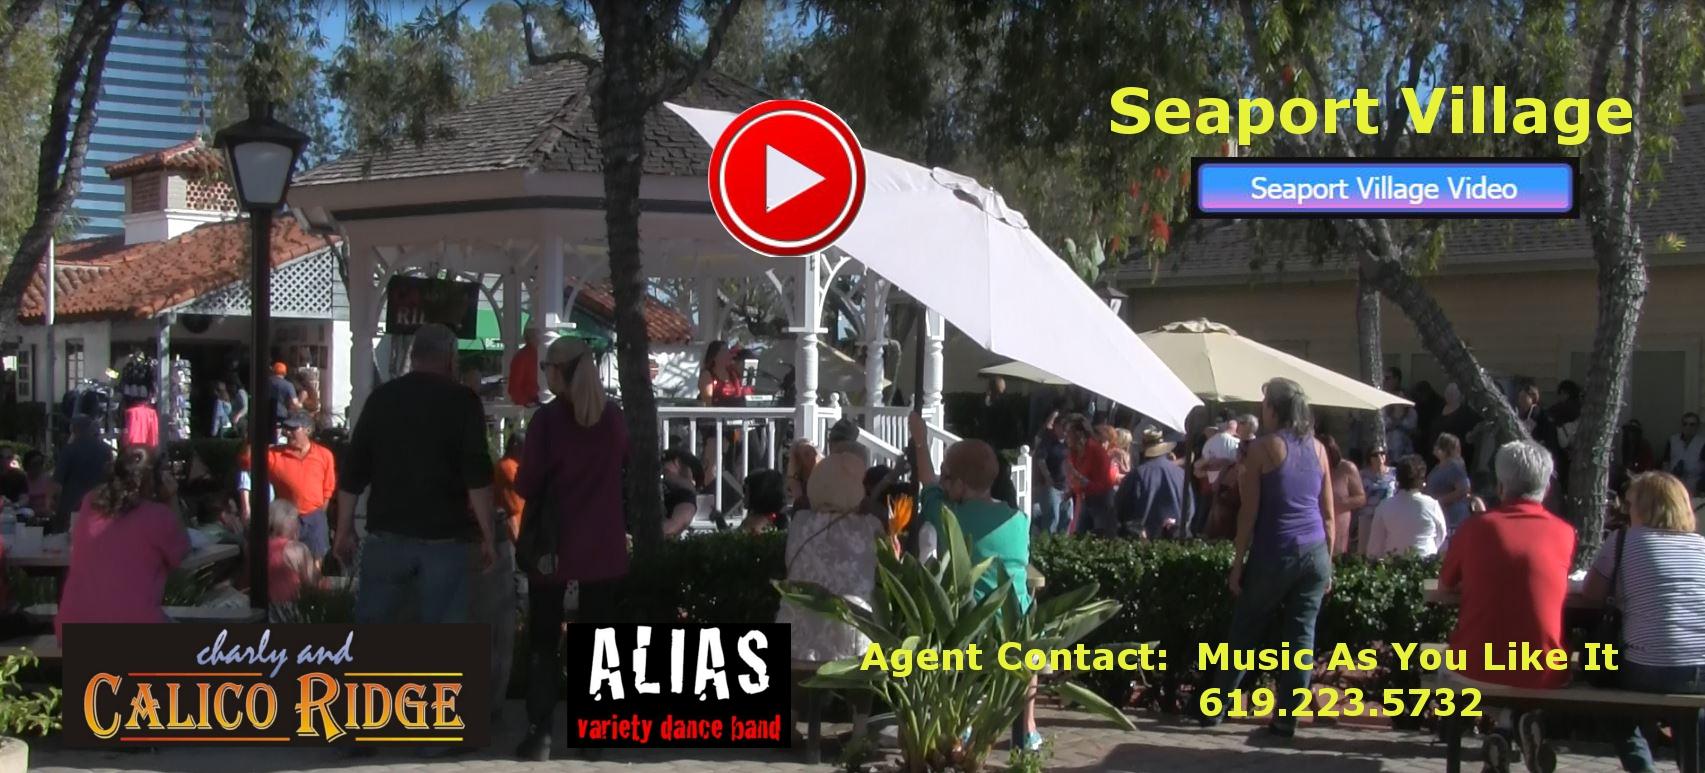 Seaport 23 Photo Video Link mayli